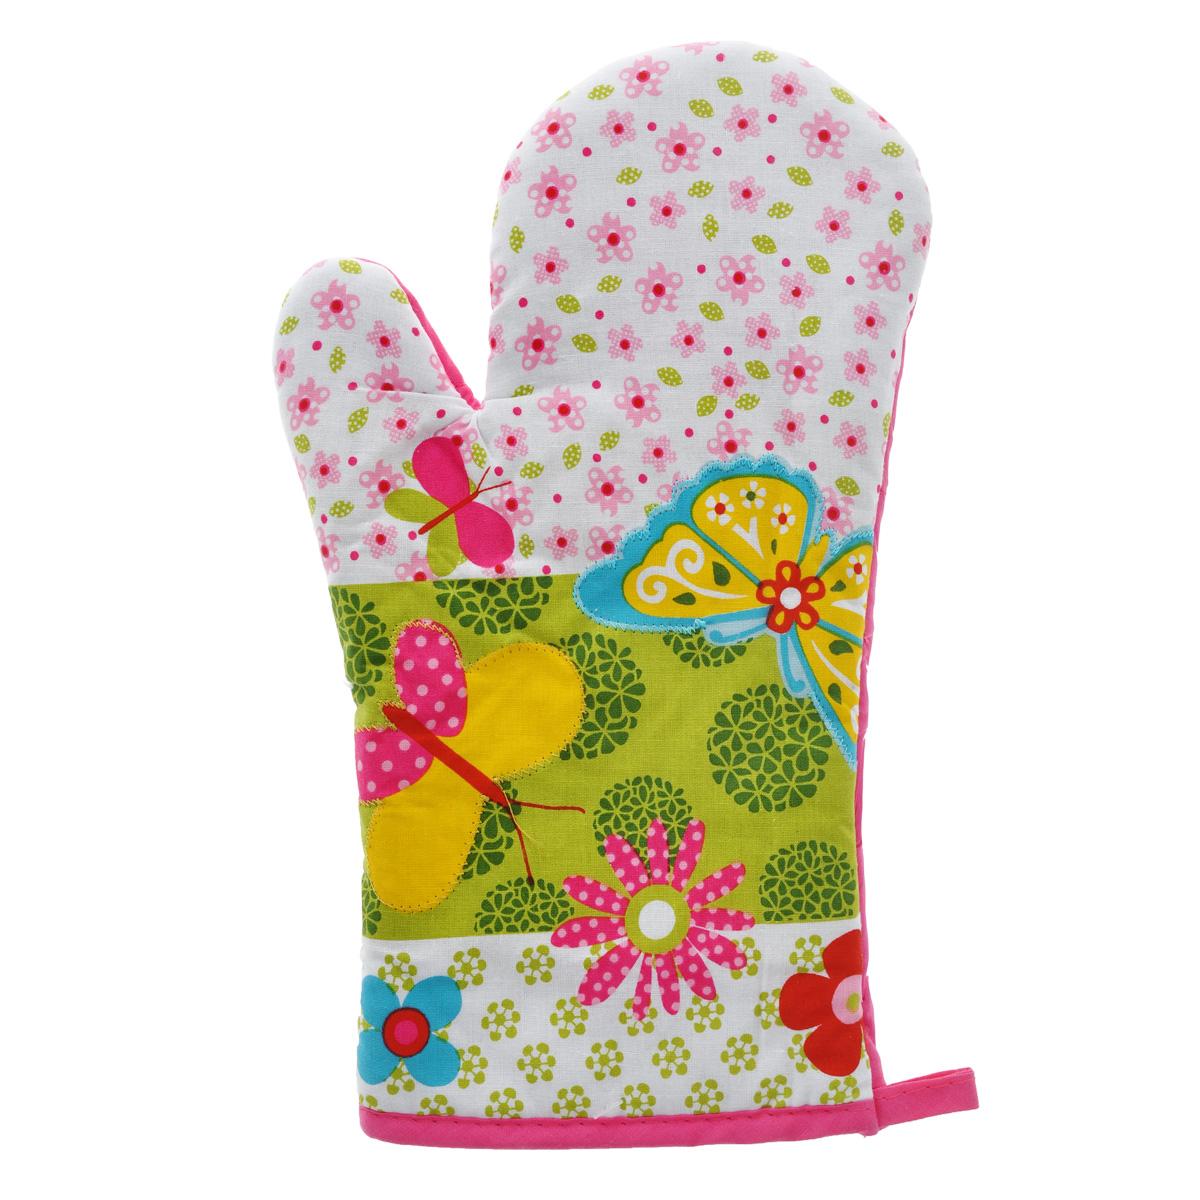 Рукавица-прихватка LaSella, цвет: белый, розовый, зеленый, 30 см. MT002009MT002009(F9562)Рукавица-прихватка LaSella изготовлена из хлопка. Эта рукавица с ярким дизайном защитит ваши руки от высоких температур и предотвратит появление ожогов. Изделие оснащено петелькой для подвешивания на крючок. Такая рукавица - отличный вариант для практичной и современной хозяйки.